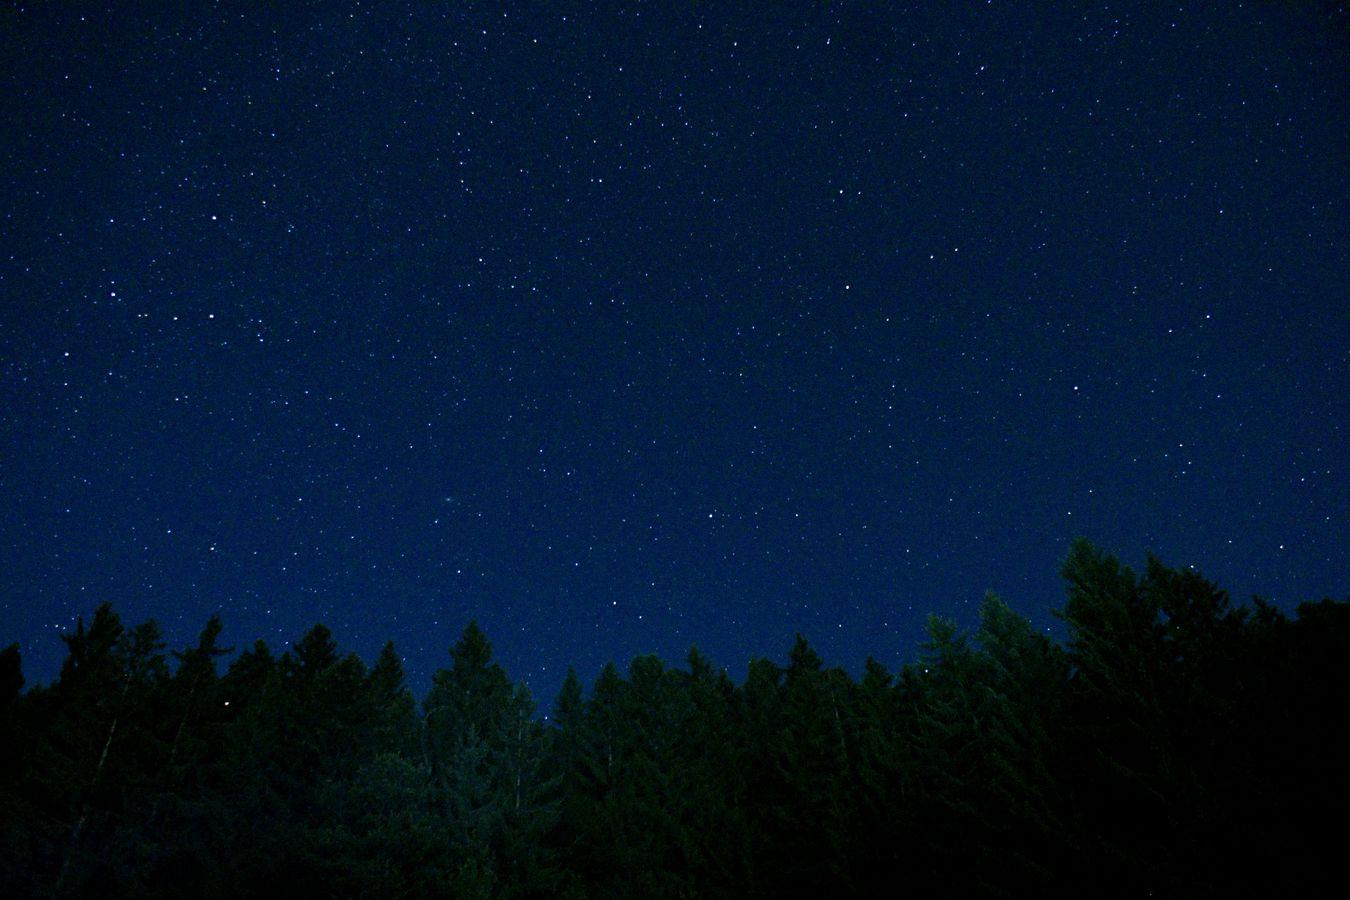 Pour la nuit des étoiles filantes, je suis allé à Lucinges à côté d'Annecy pour les voir. Quelle déception ! Je n'en ai vu que 7 et aucune dans mon cadre.